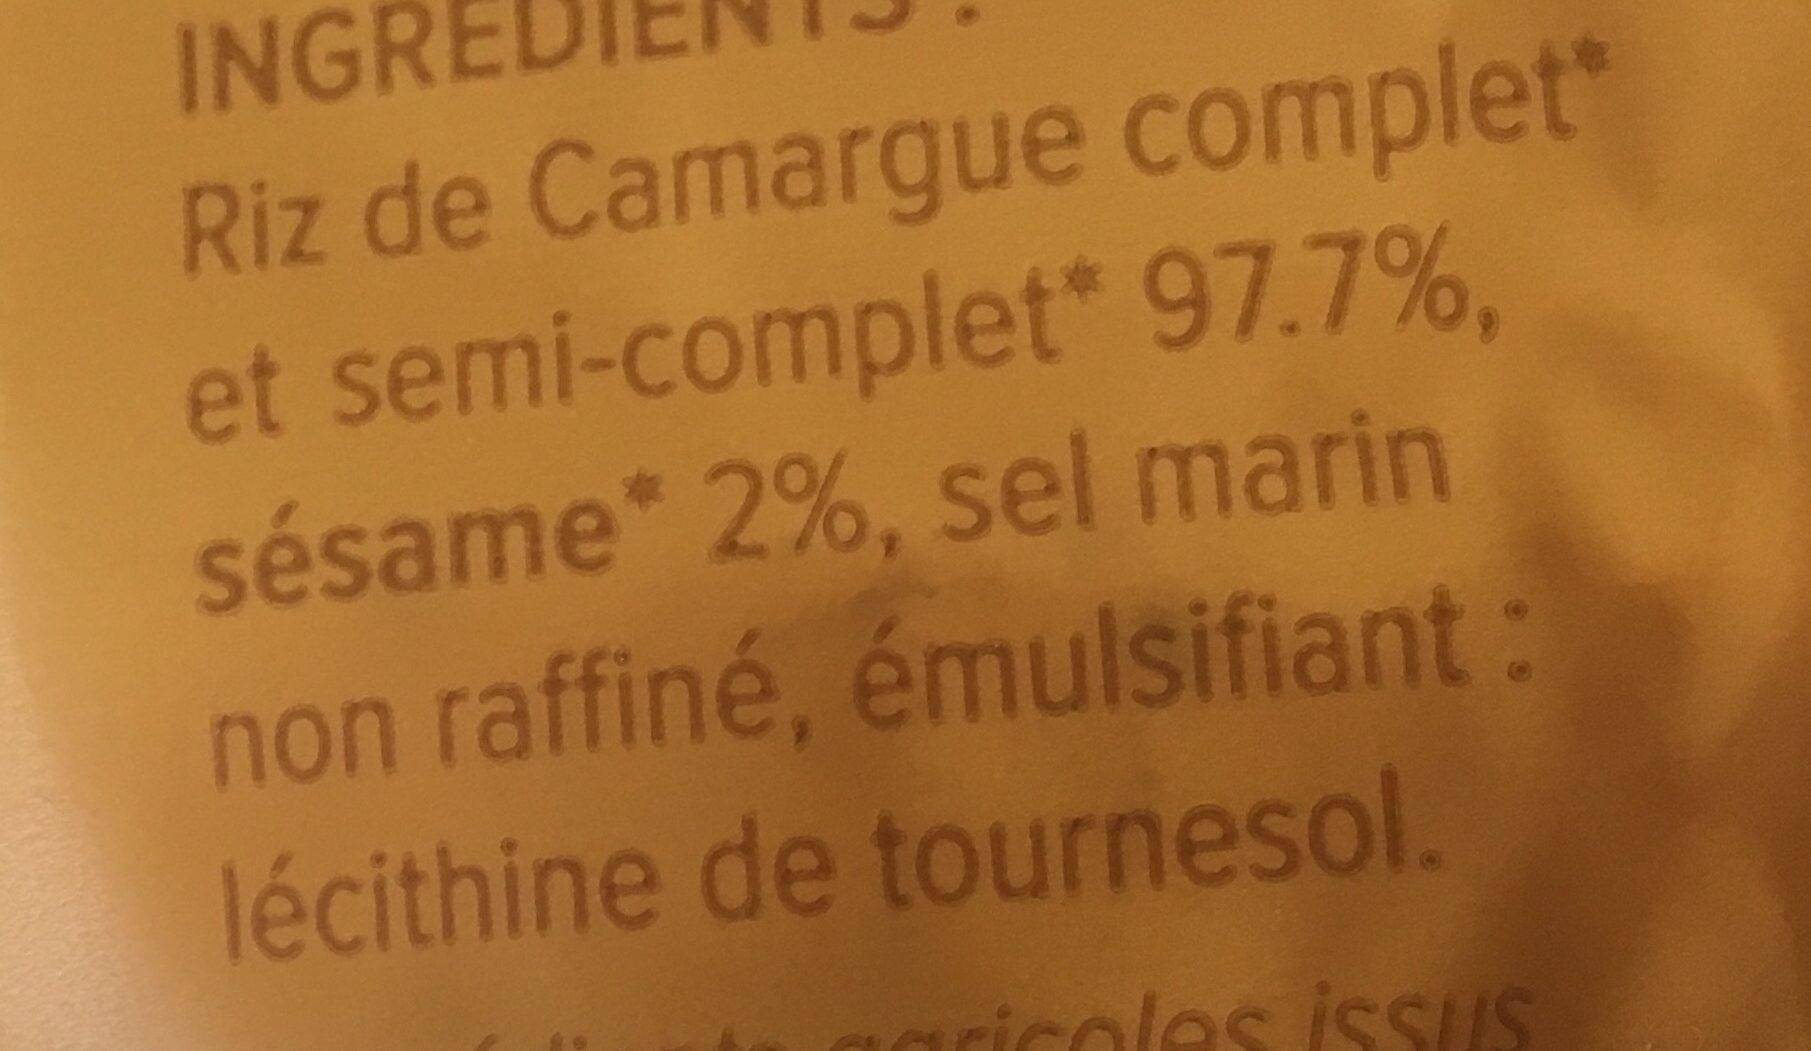 Galettes De Riz Au Sésame, 130 Grammes, Marque La Vie Claire - Ingrediënten - fr